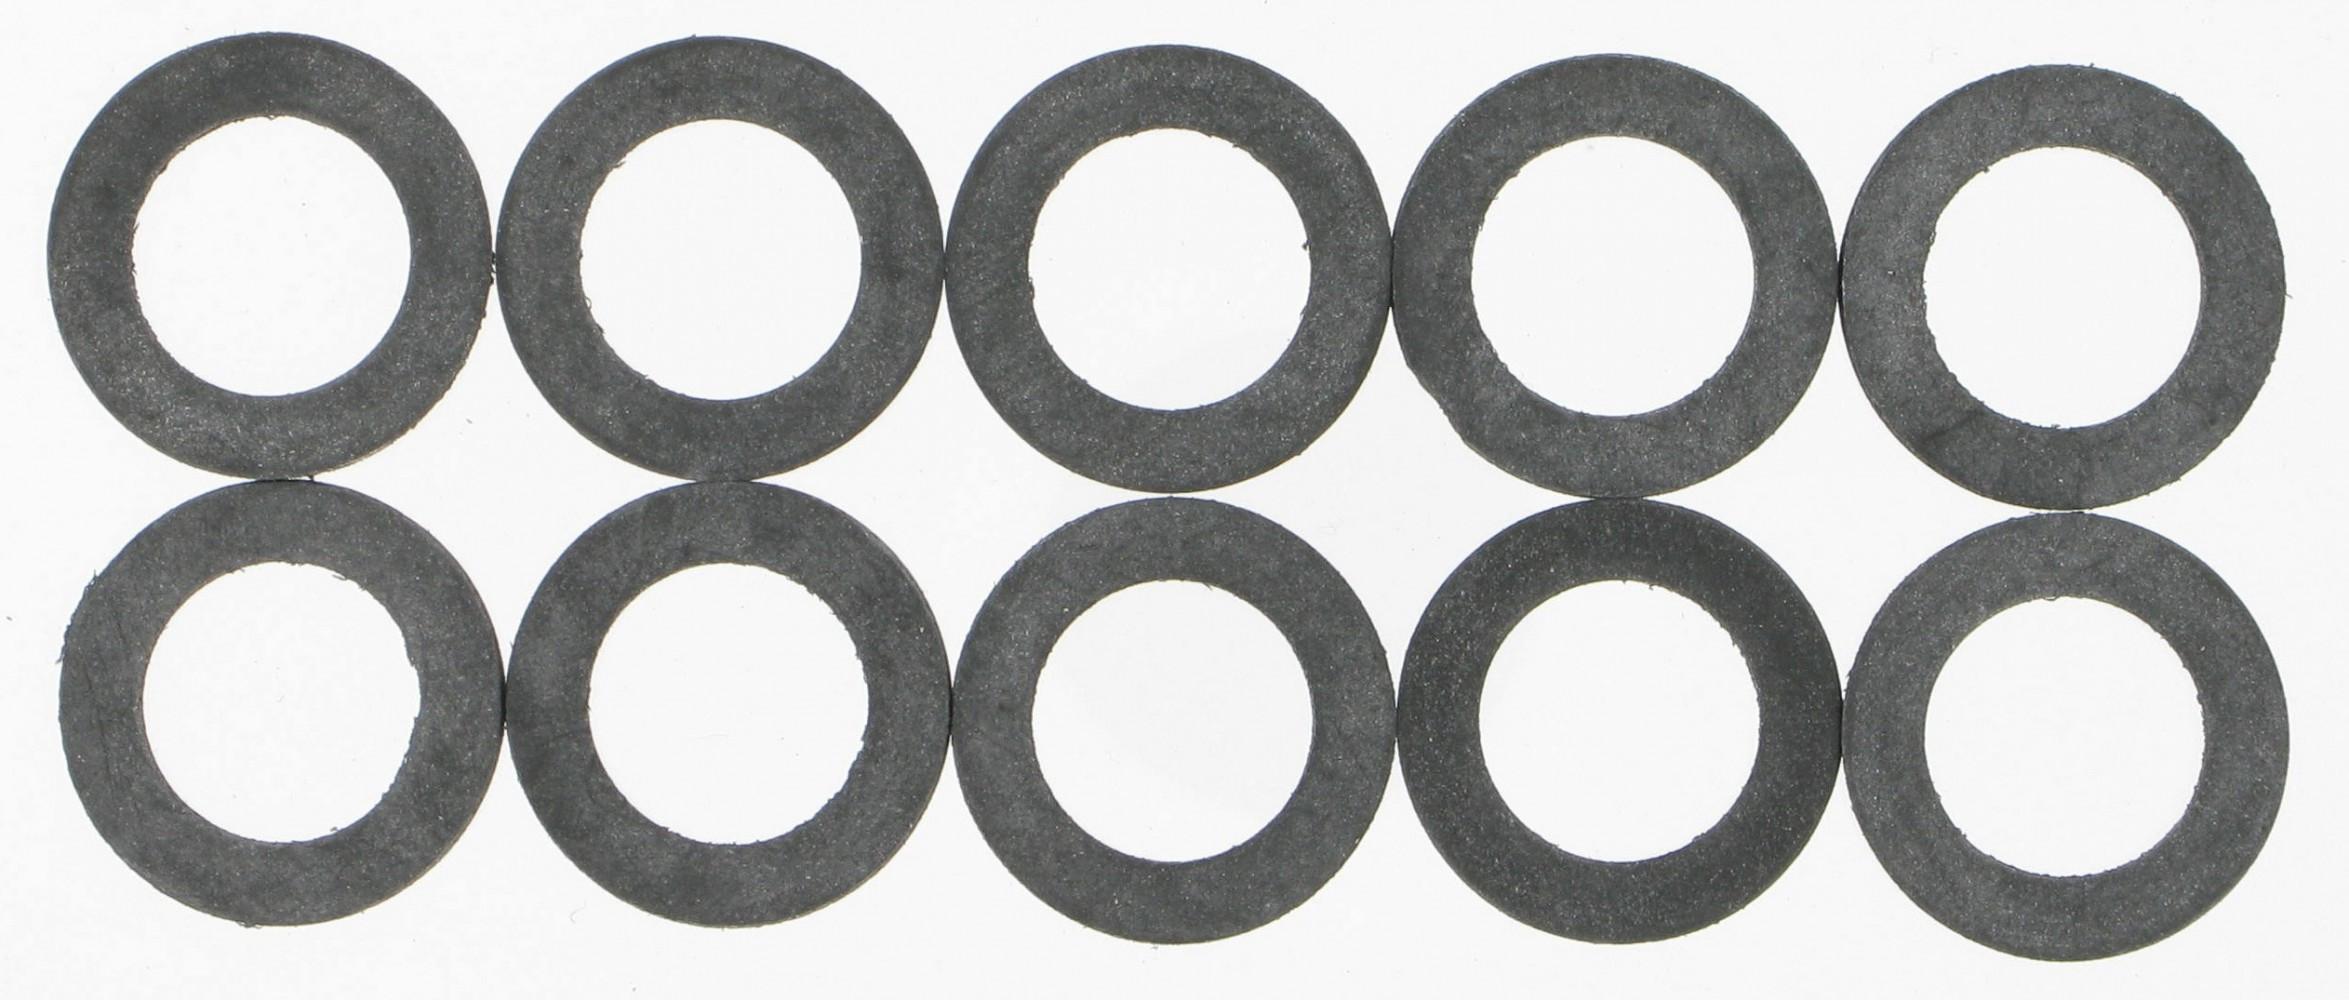 Lot de 10 joints caoutchouc, 20/27 mm COMAP